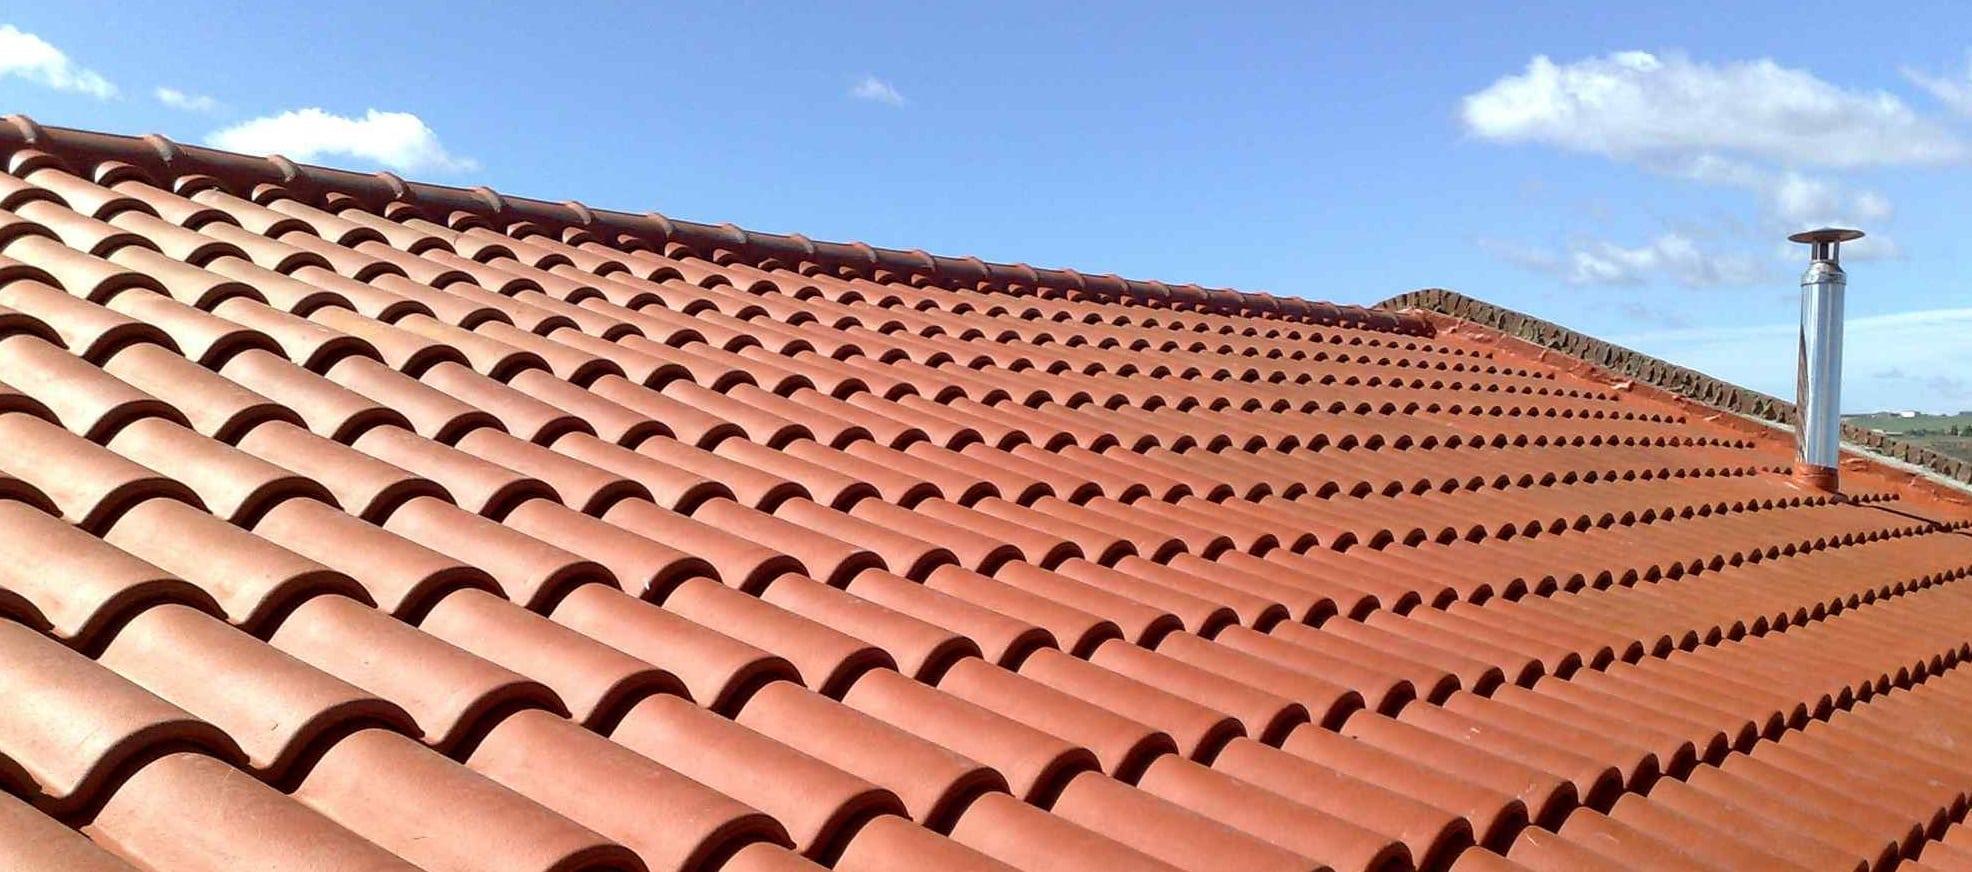 Come Realizzare Un Tetto Economico come scegliere la copertura per il tetto? – spagliarisi